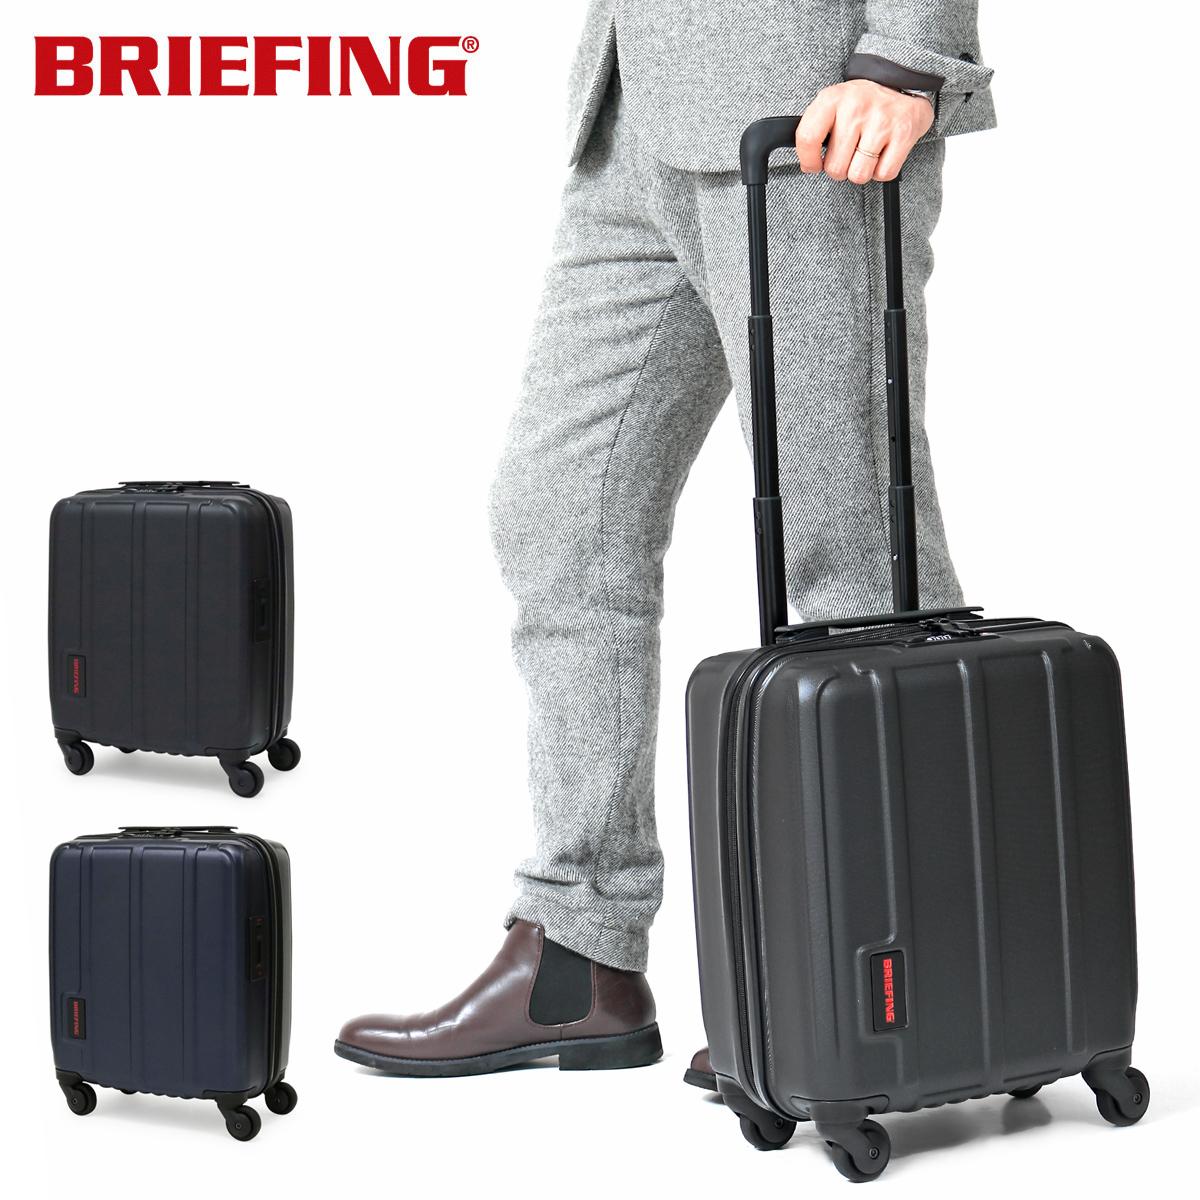 ブリーフィング スーツケース メンズ BRF350219 BRIEFING ハードケース キャリーケース ジッパー ポリカーボネート H-22 [PO10][bef][即日発送]